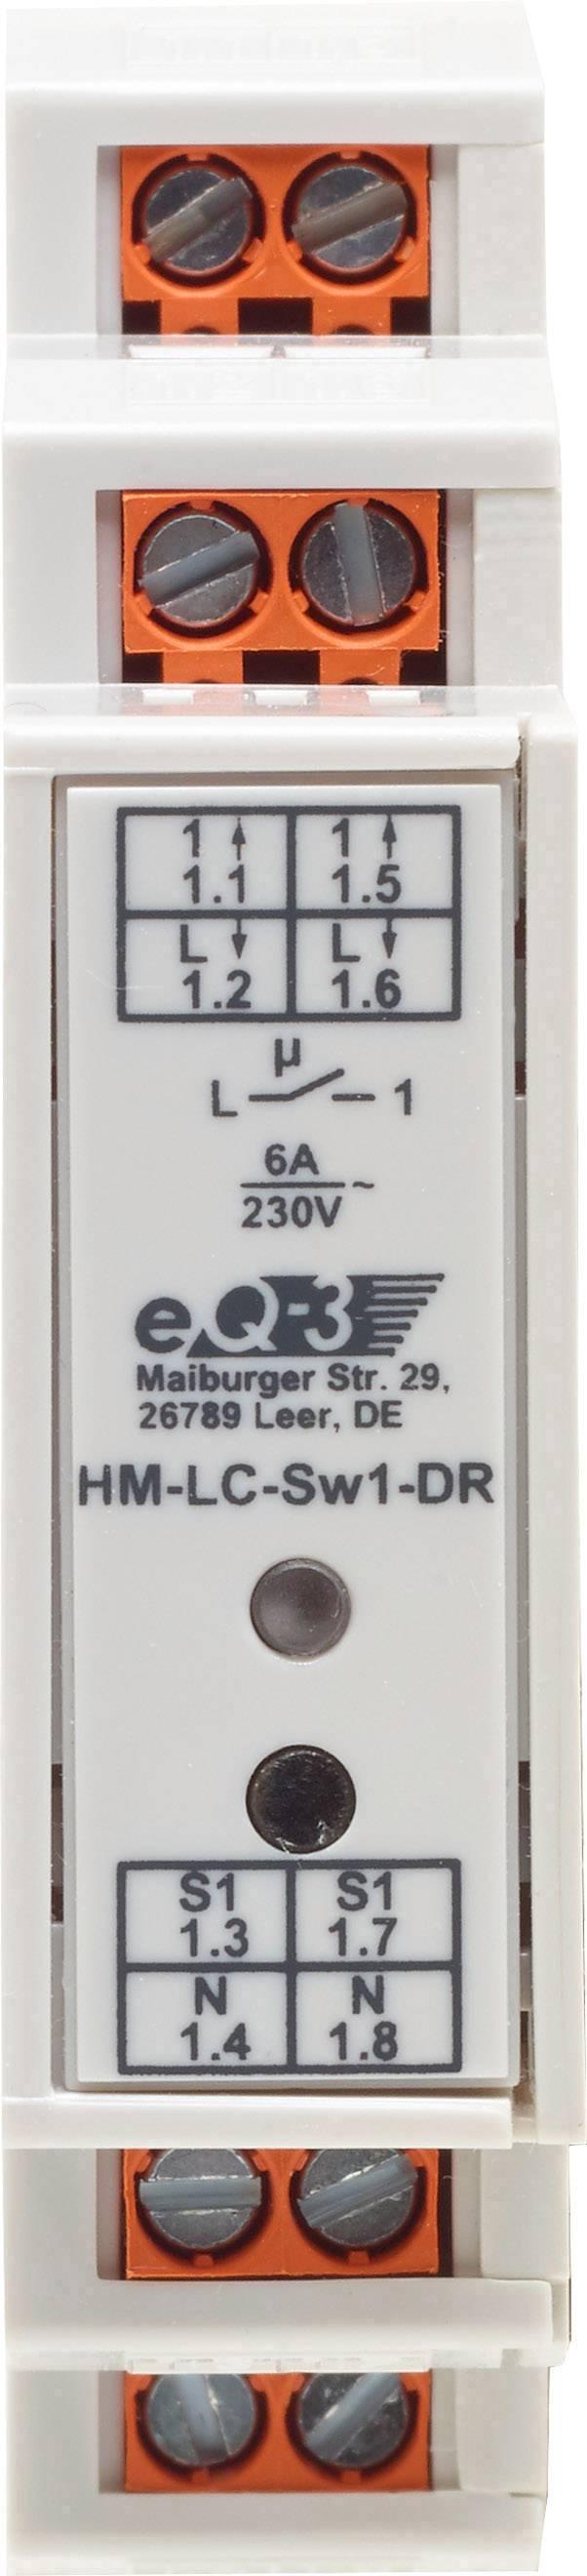 Bezdrôtový spínač klobúčikové tienidlo HomeMatic HM-LC-Sw1-DR 141378 1-kanálový , max. dosah 200 m